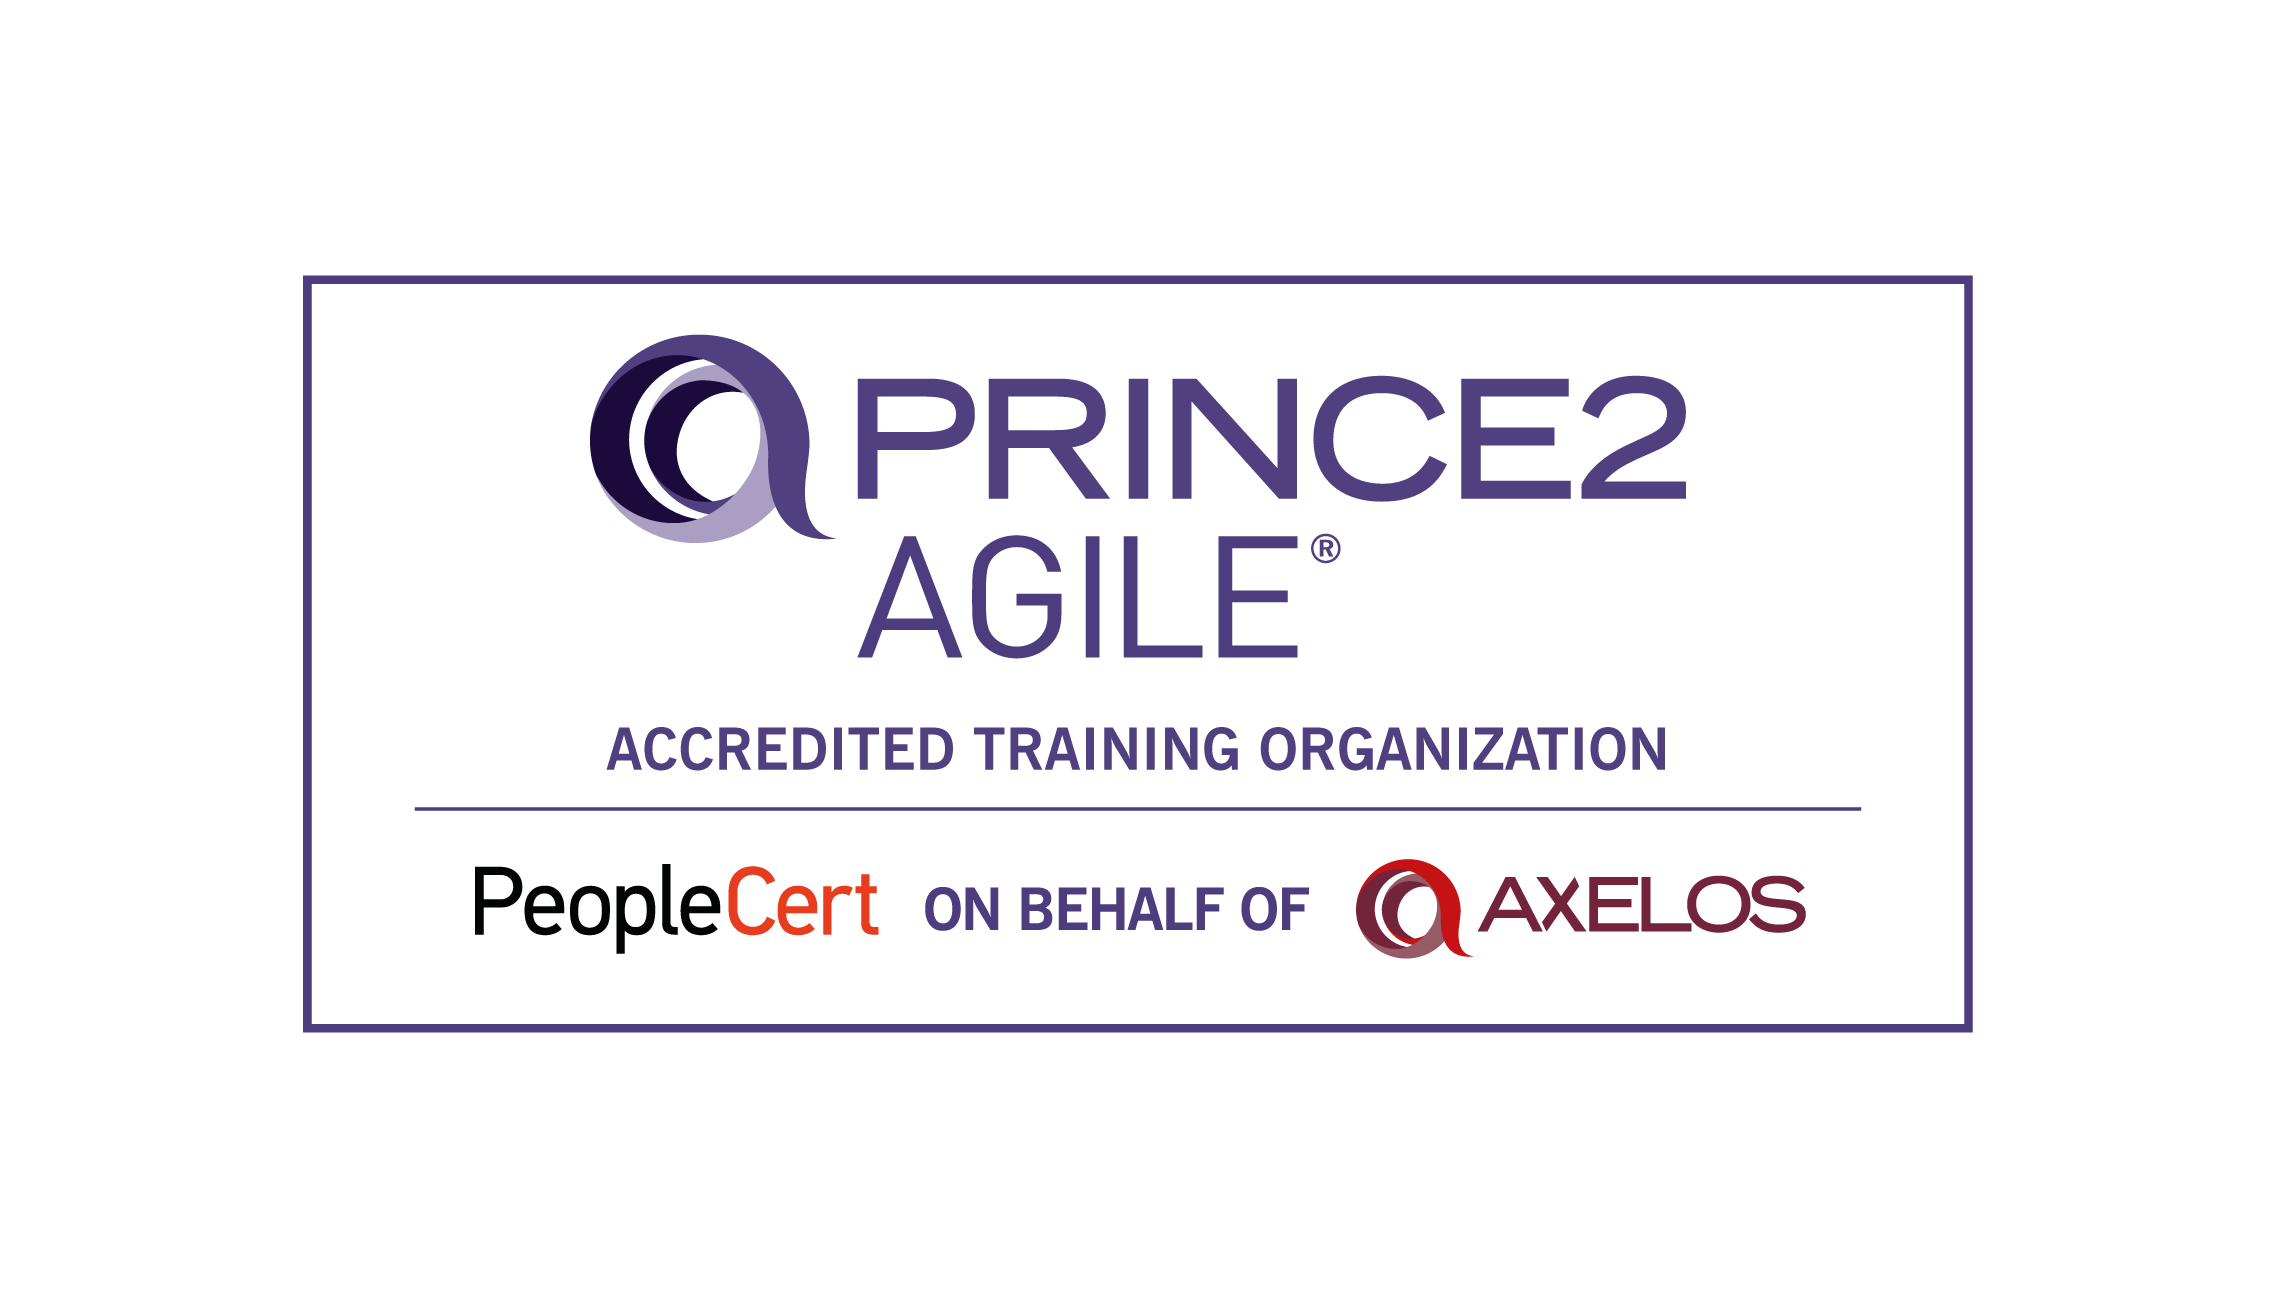 P2 Agile Logo